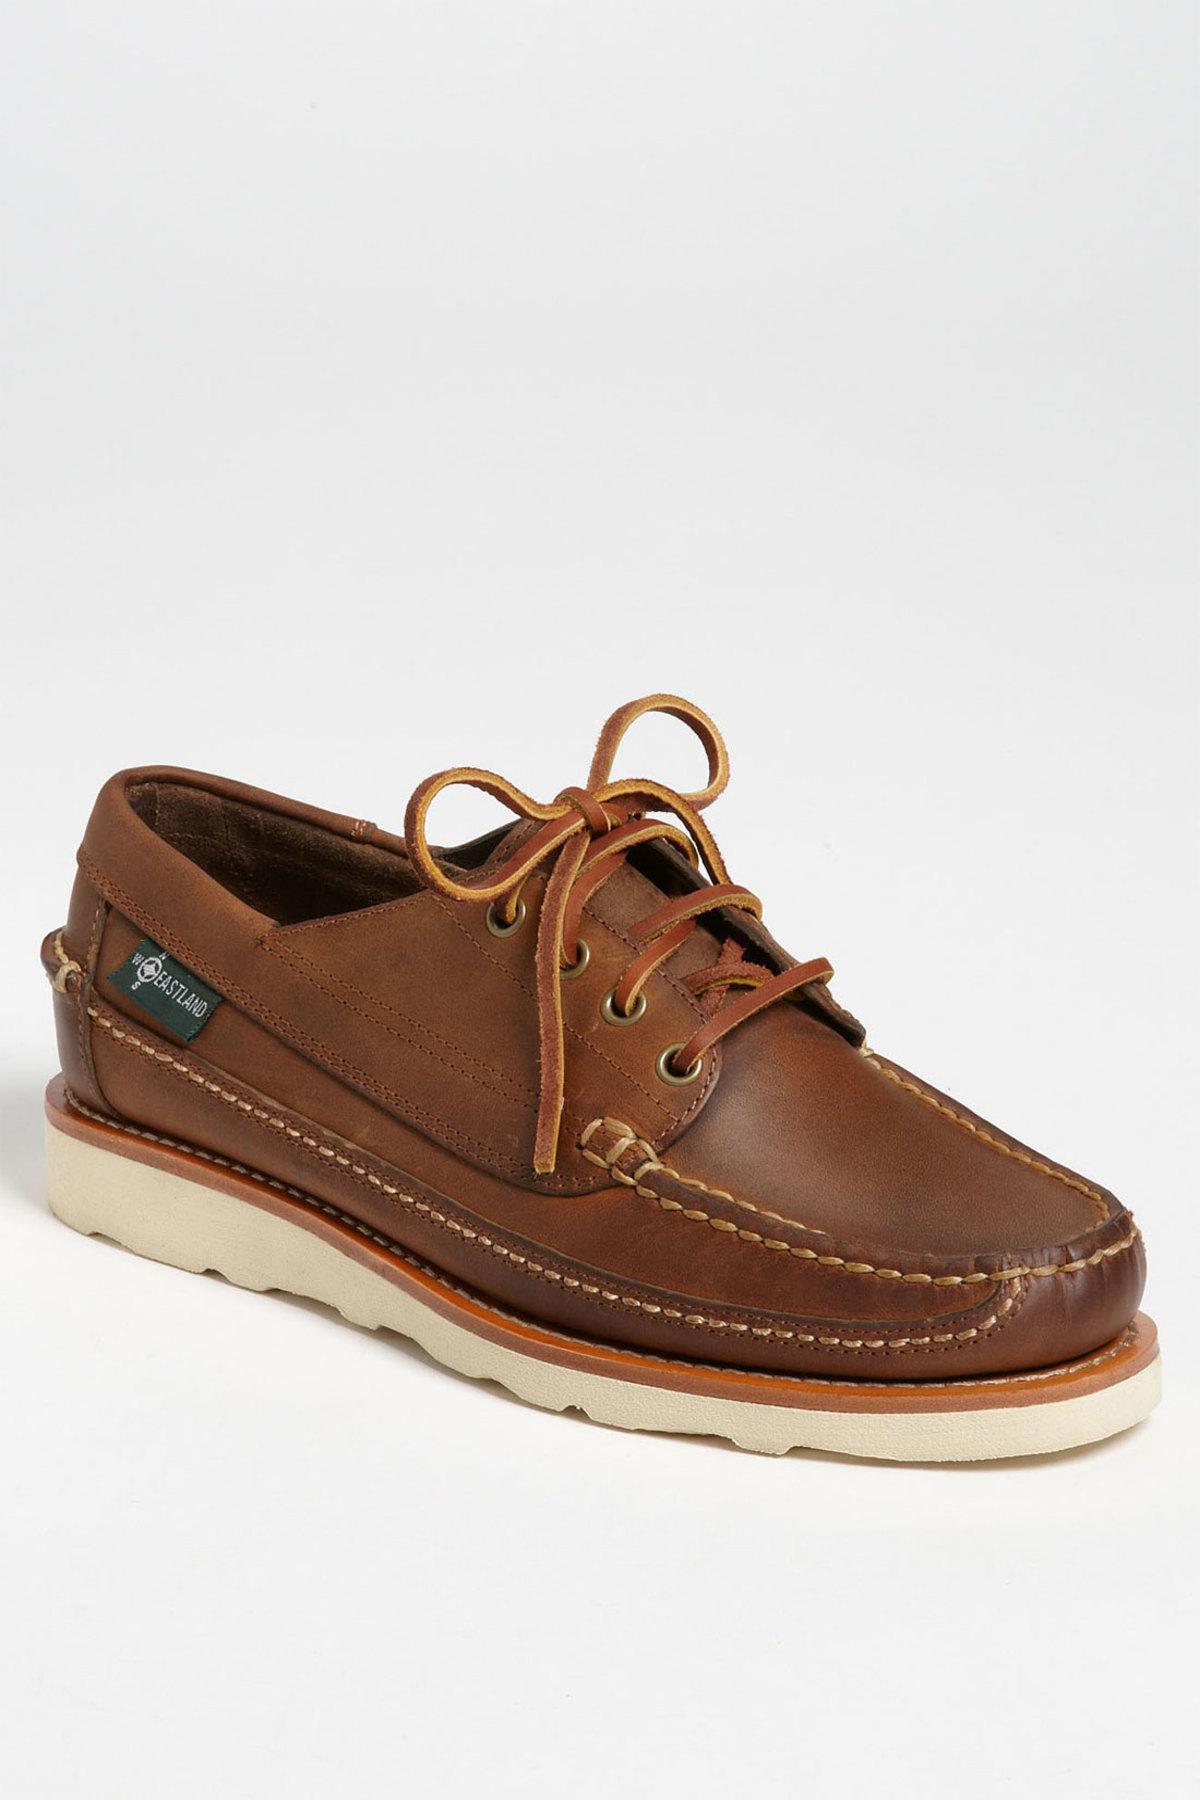 Eastland Womens Shoes On Sale